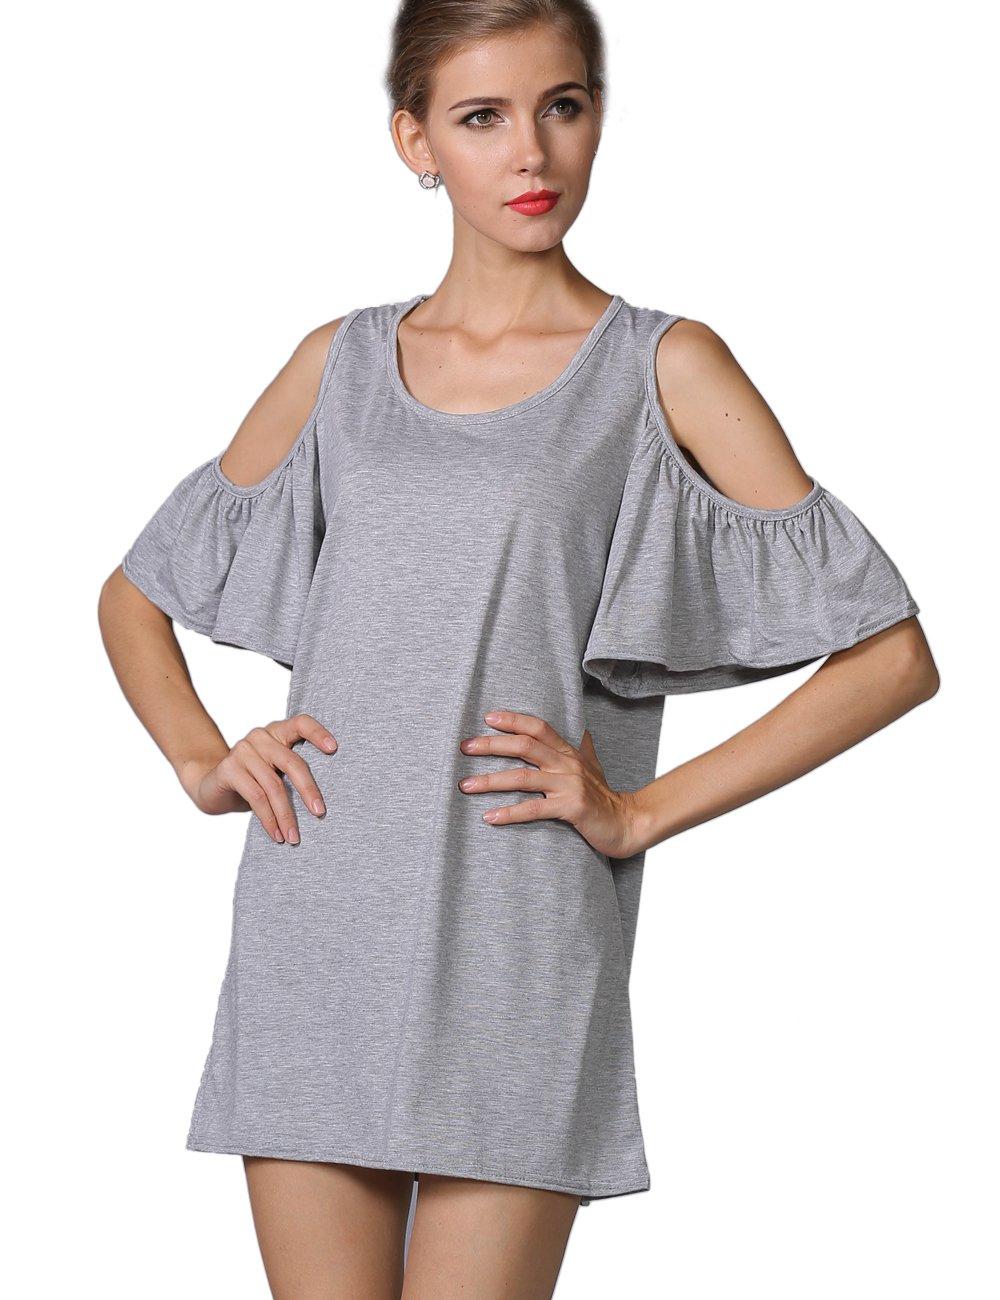 YACUN Women's Off Shoulder Top Shirt Grey 3XL